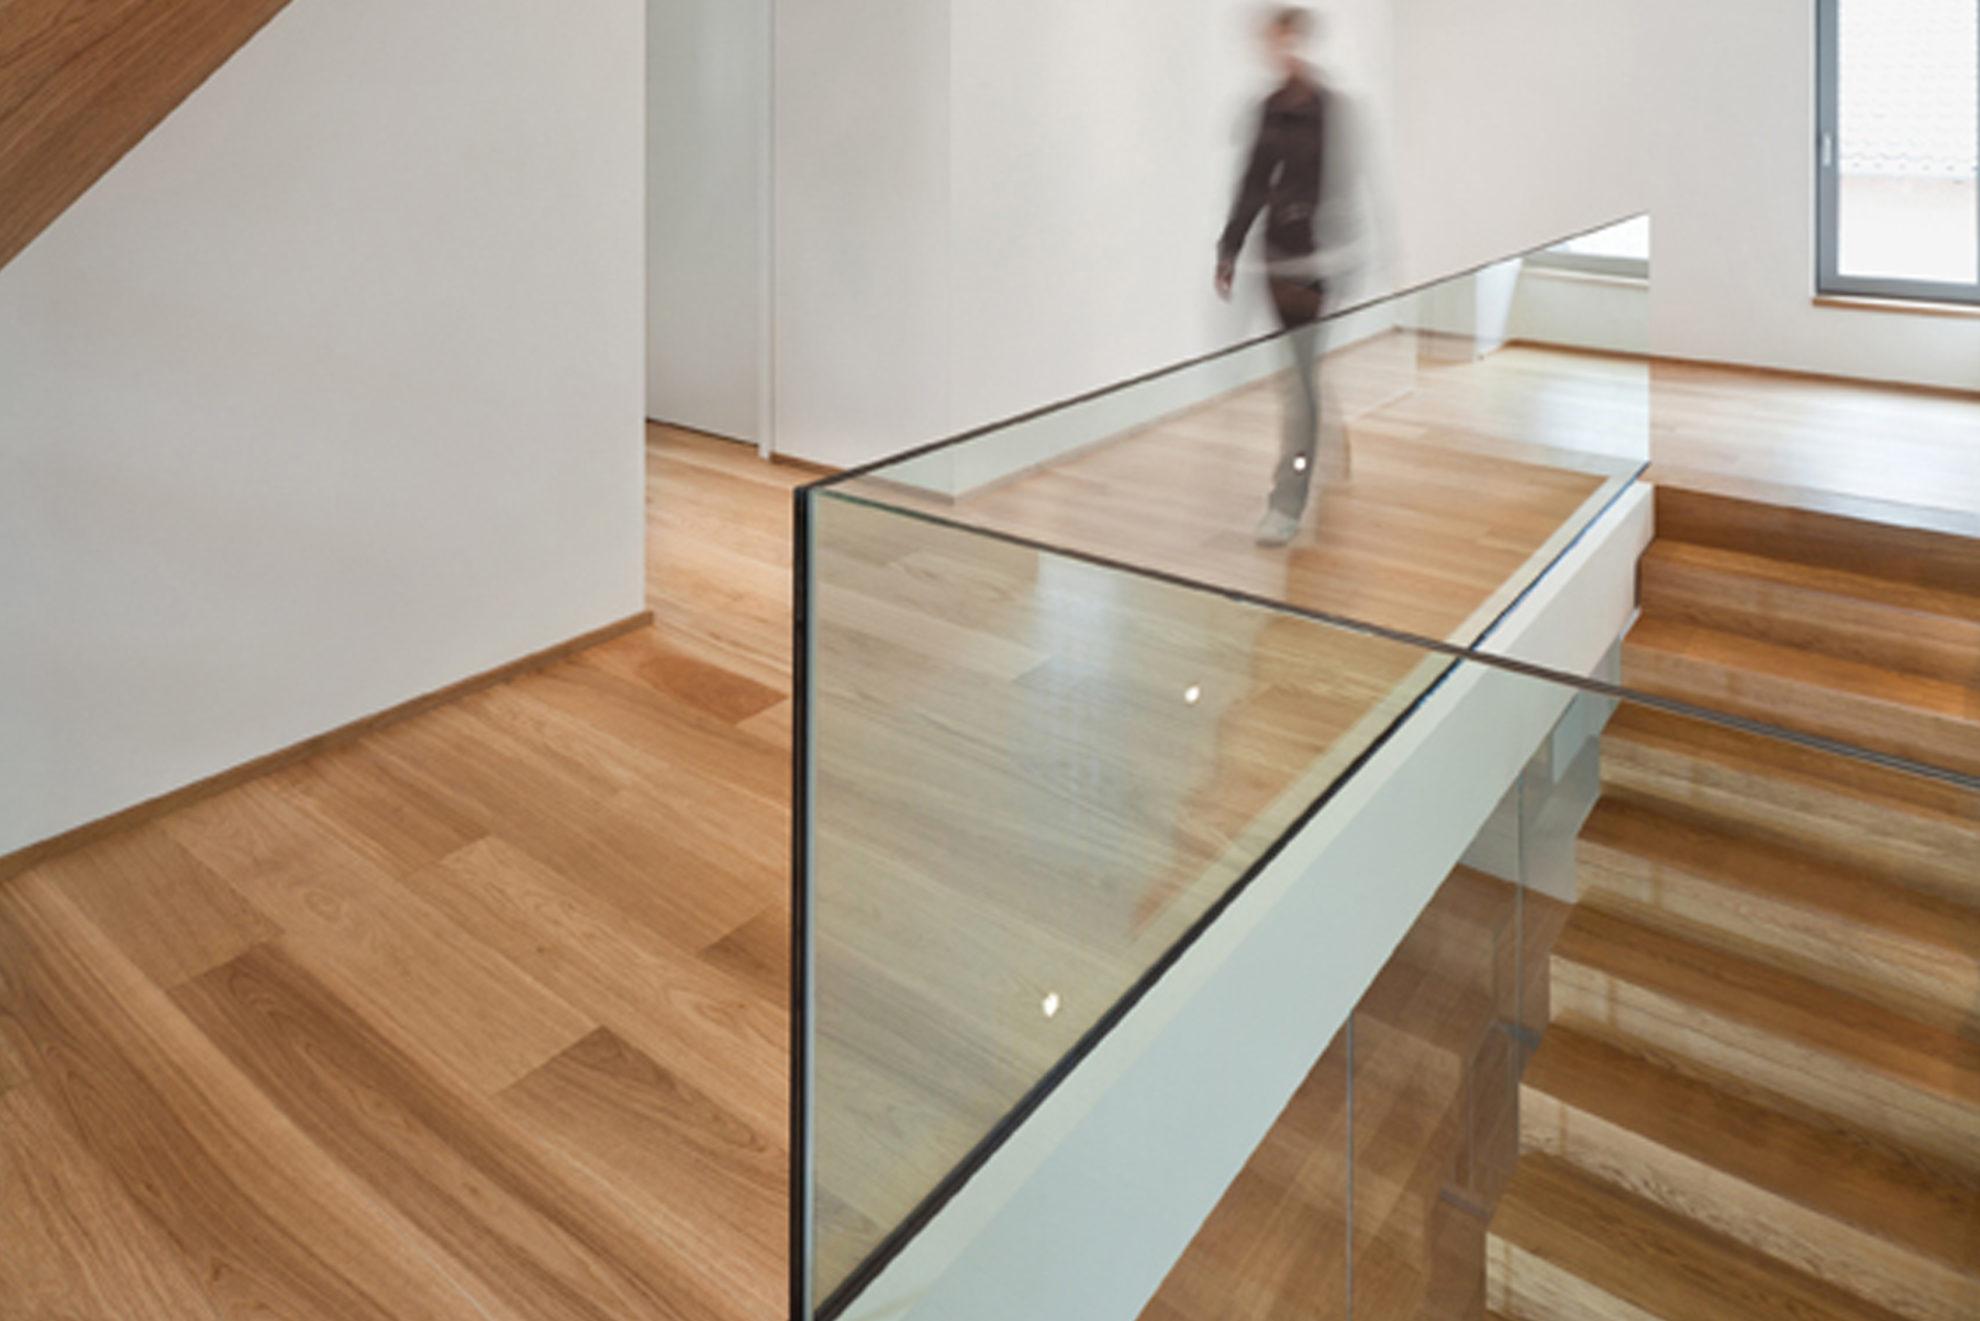 Escalier Moderne - Parquet Böhm